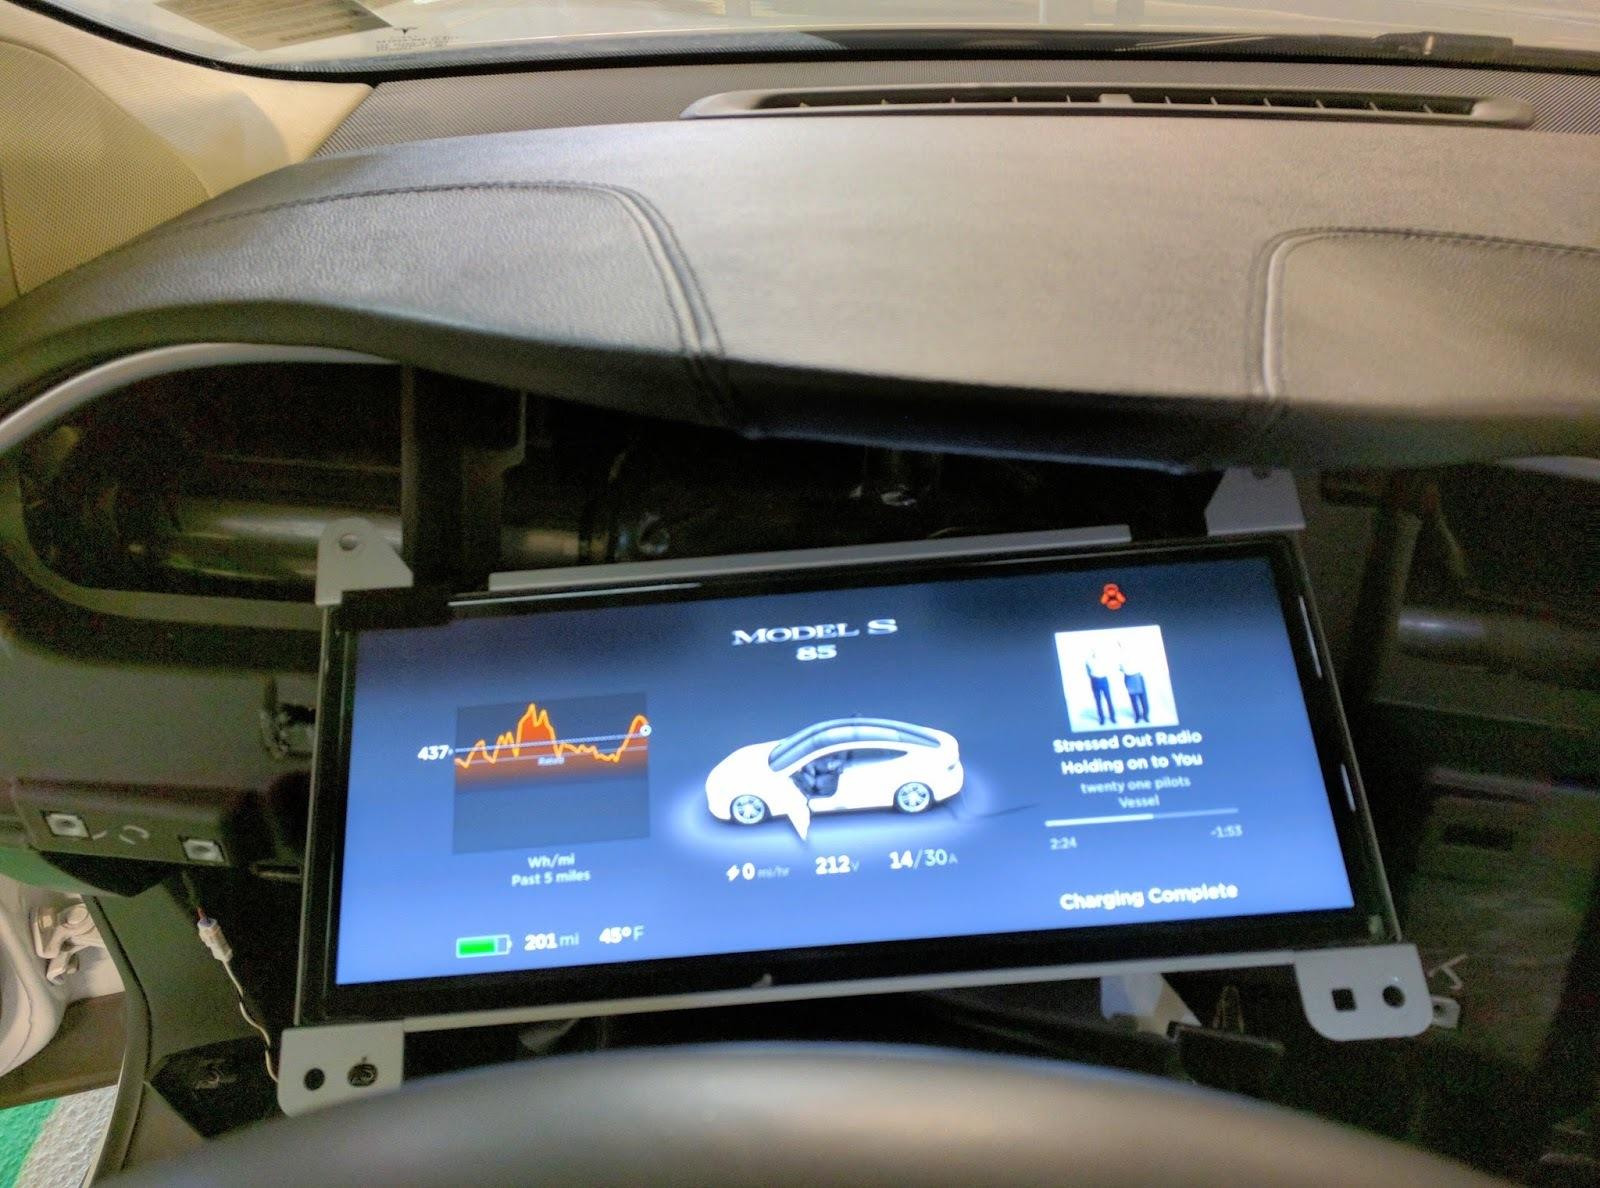 После пяти суток компиляции Gentoo Linux установилась на автомобиль Tesla Model S - 4